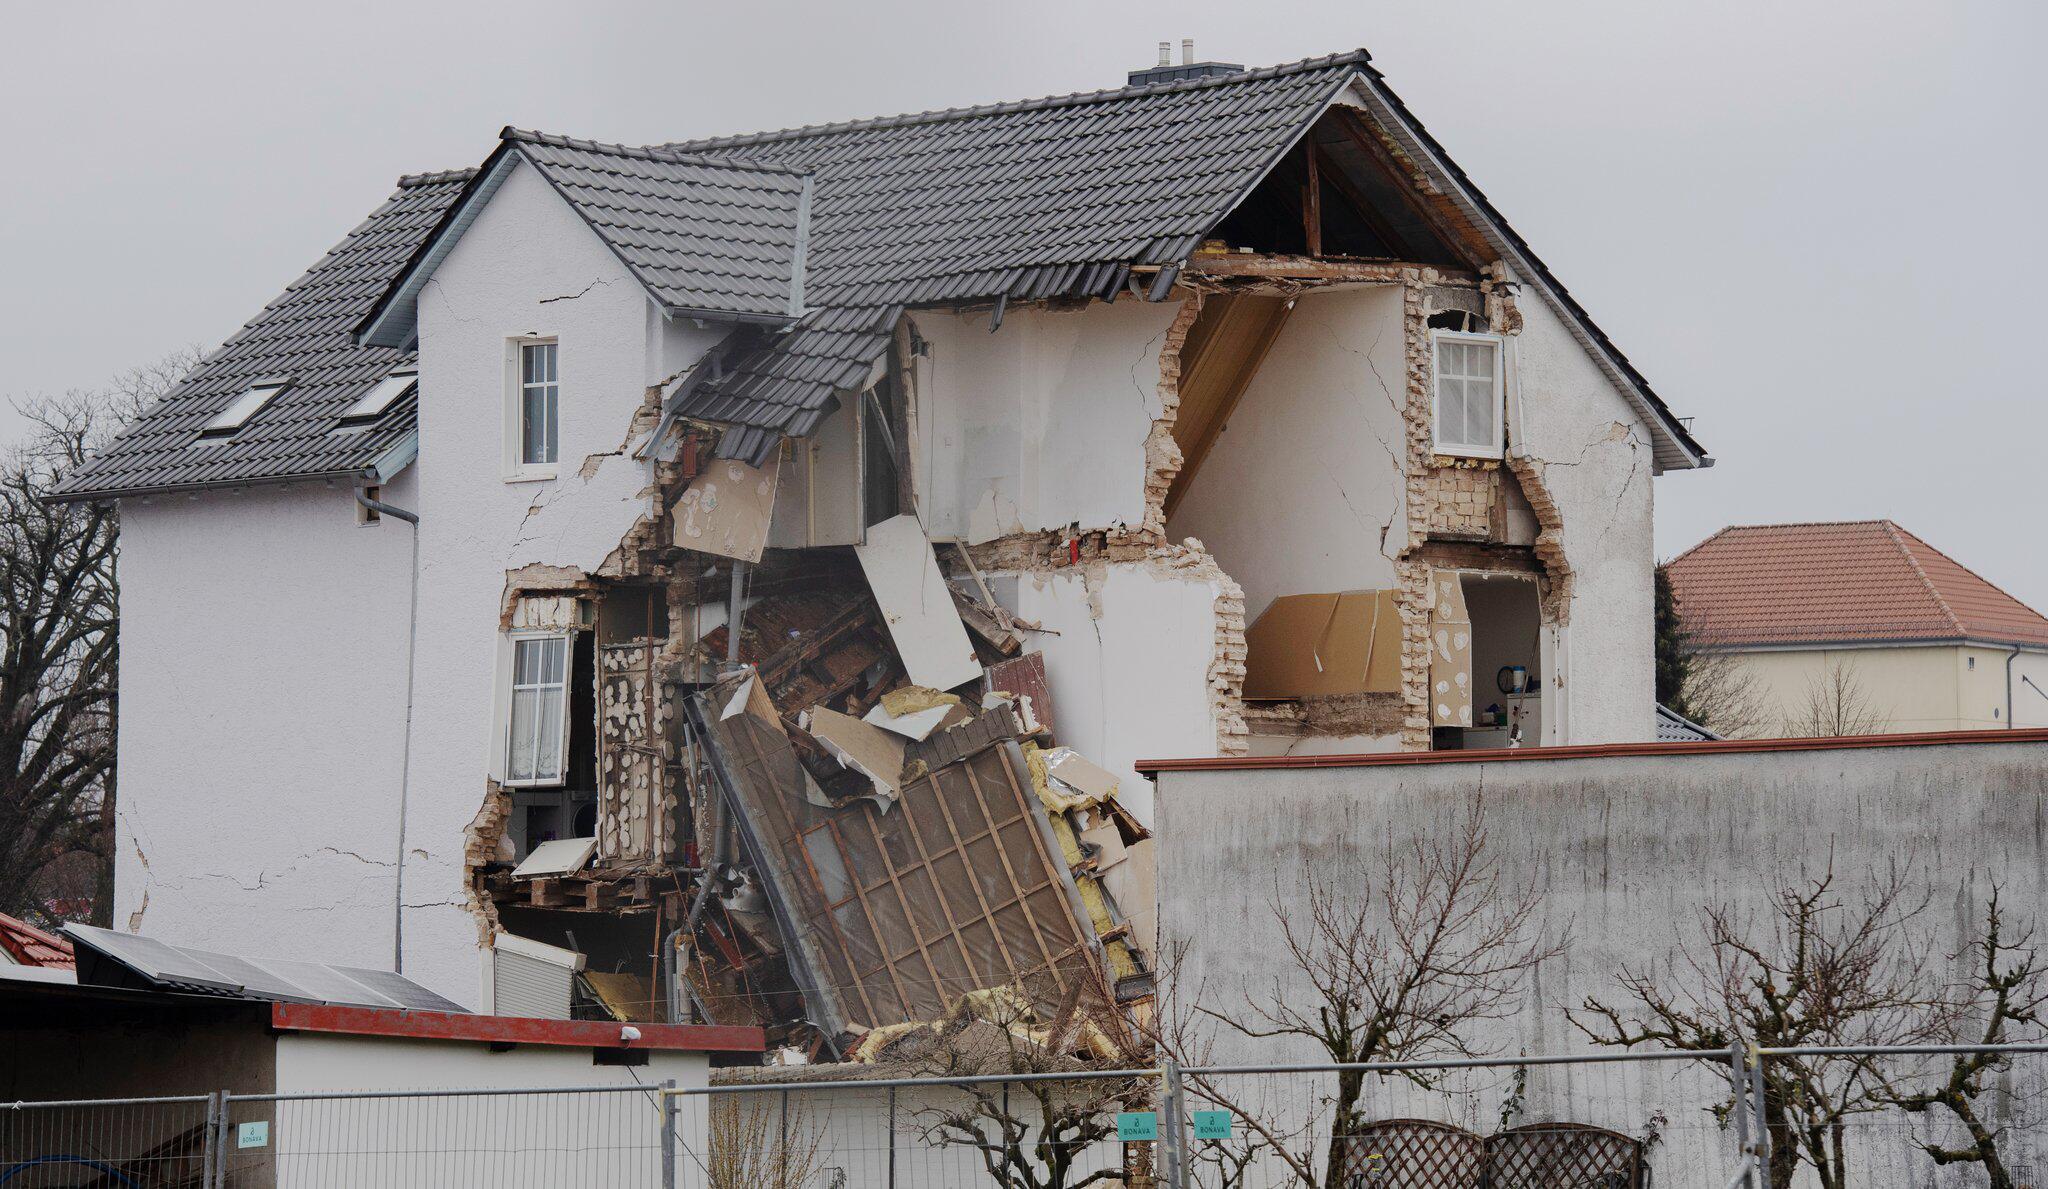 Bild zu Teileinsturz eines Wohnhauses in Brandenburg